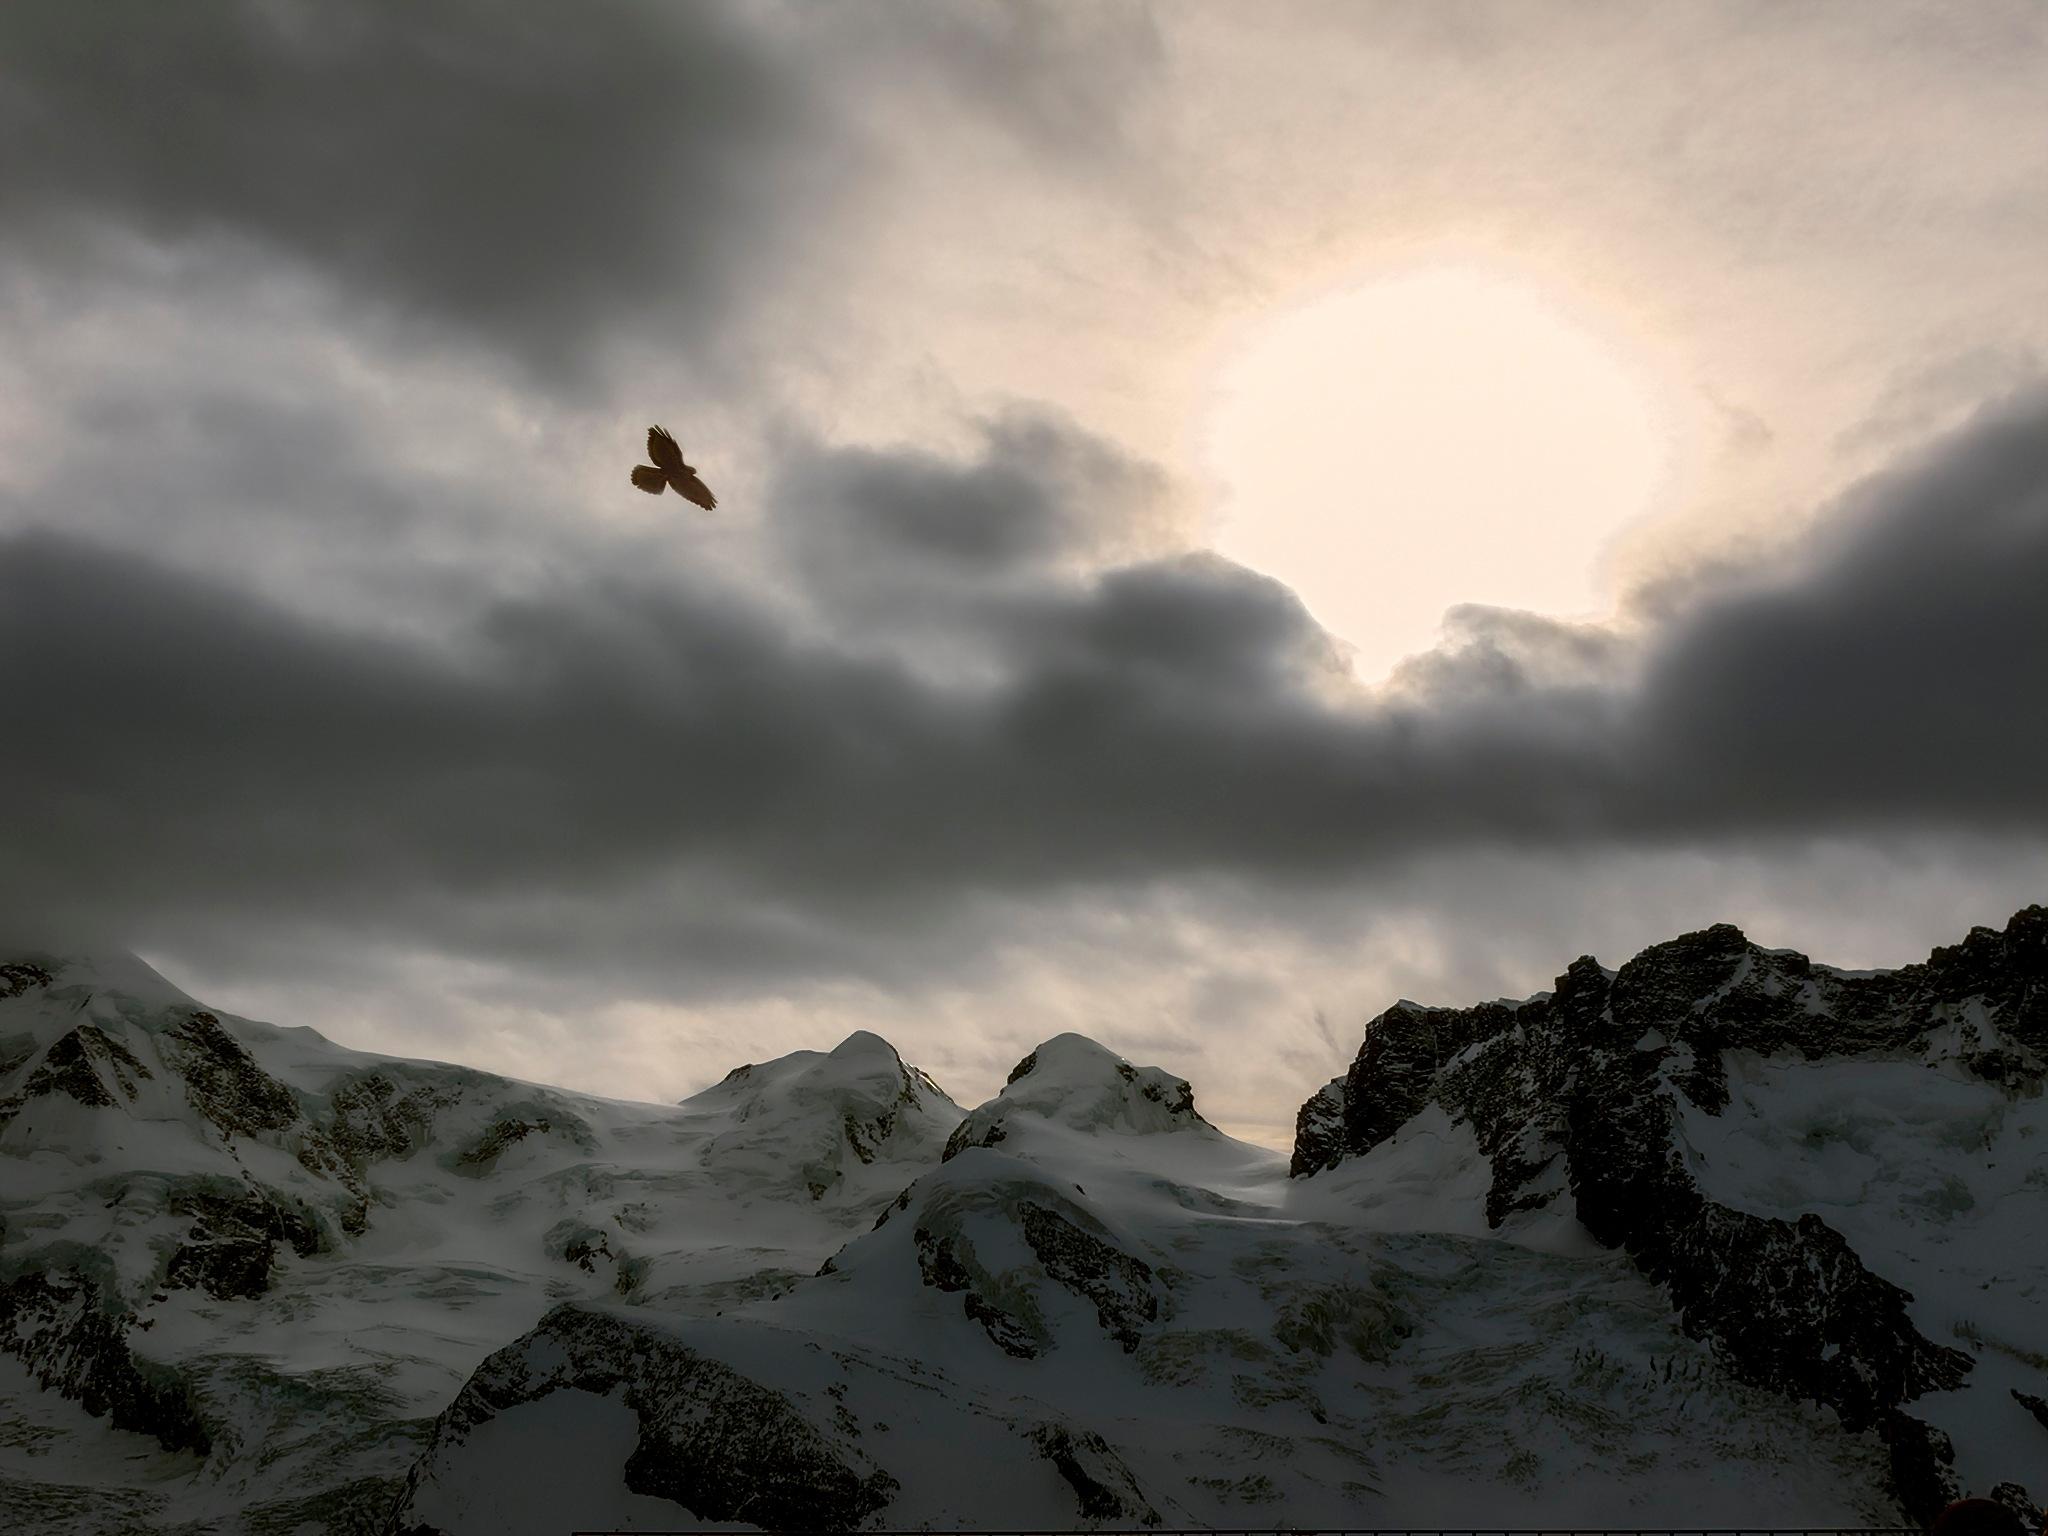 Mountain Light by Herbert Stachelberger